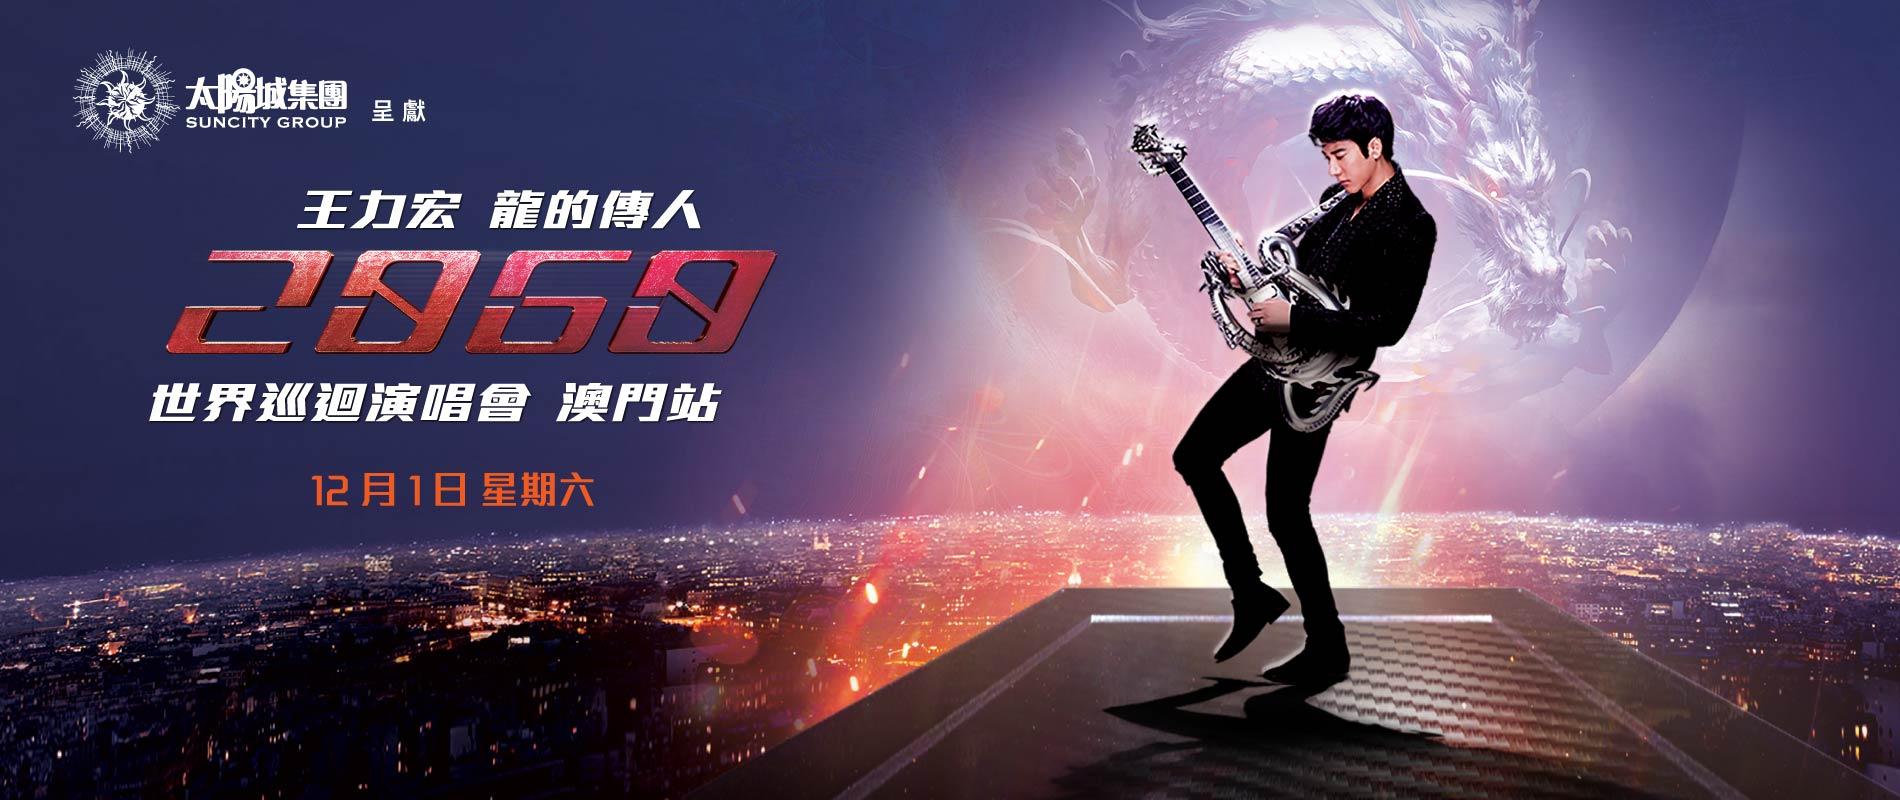 王力宏龍的傳人2060世界巡迴演唱會 - 澳門威尼斯人金光綜藝館